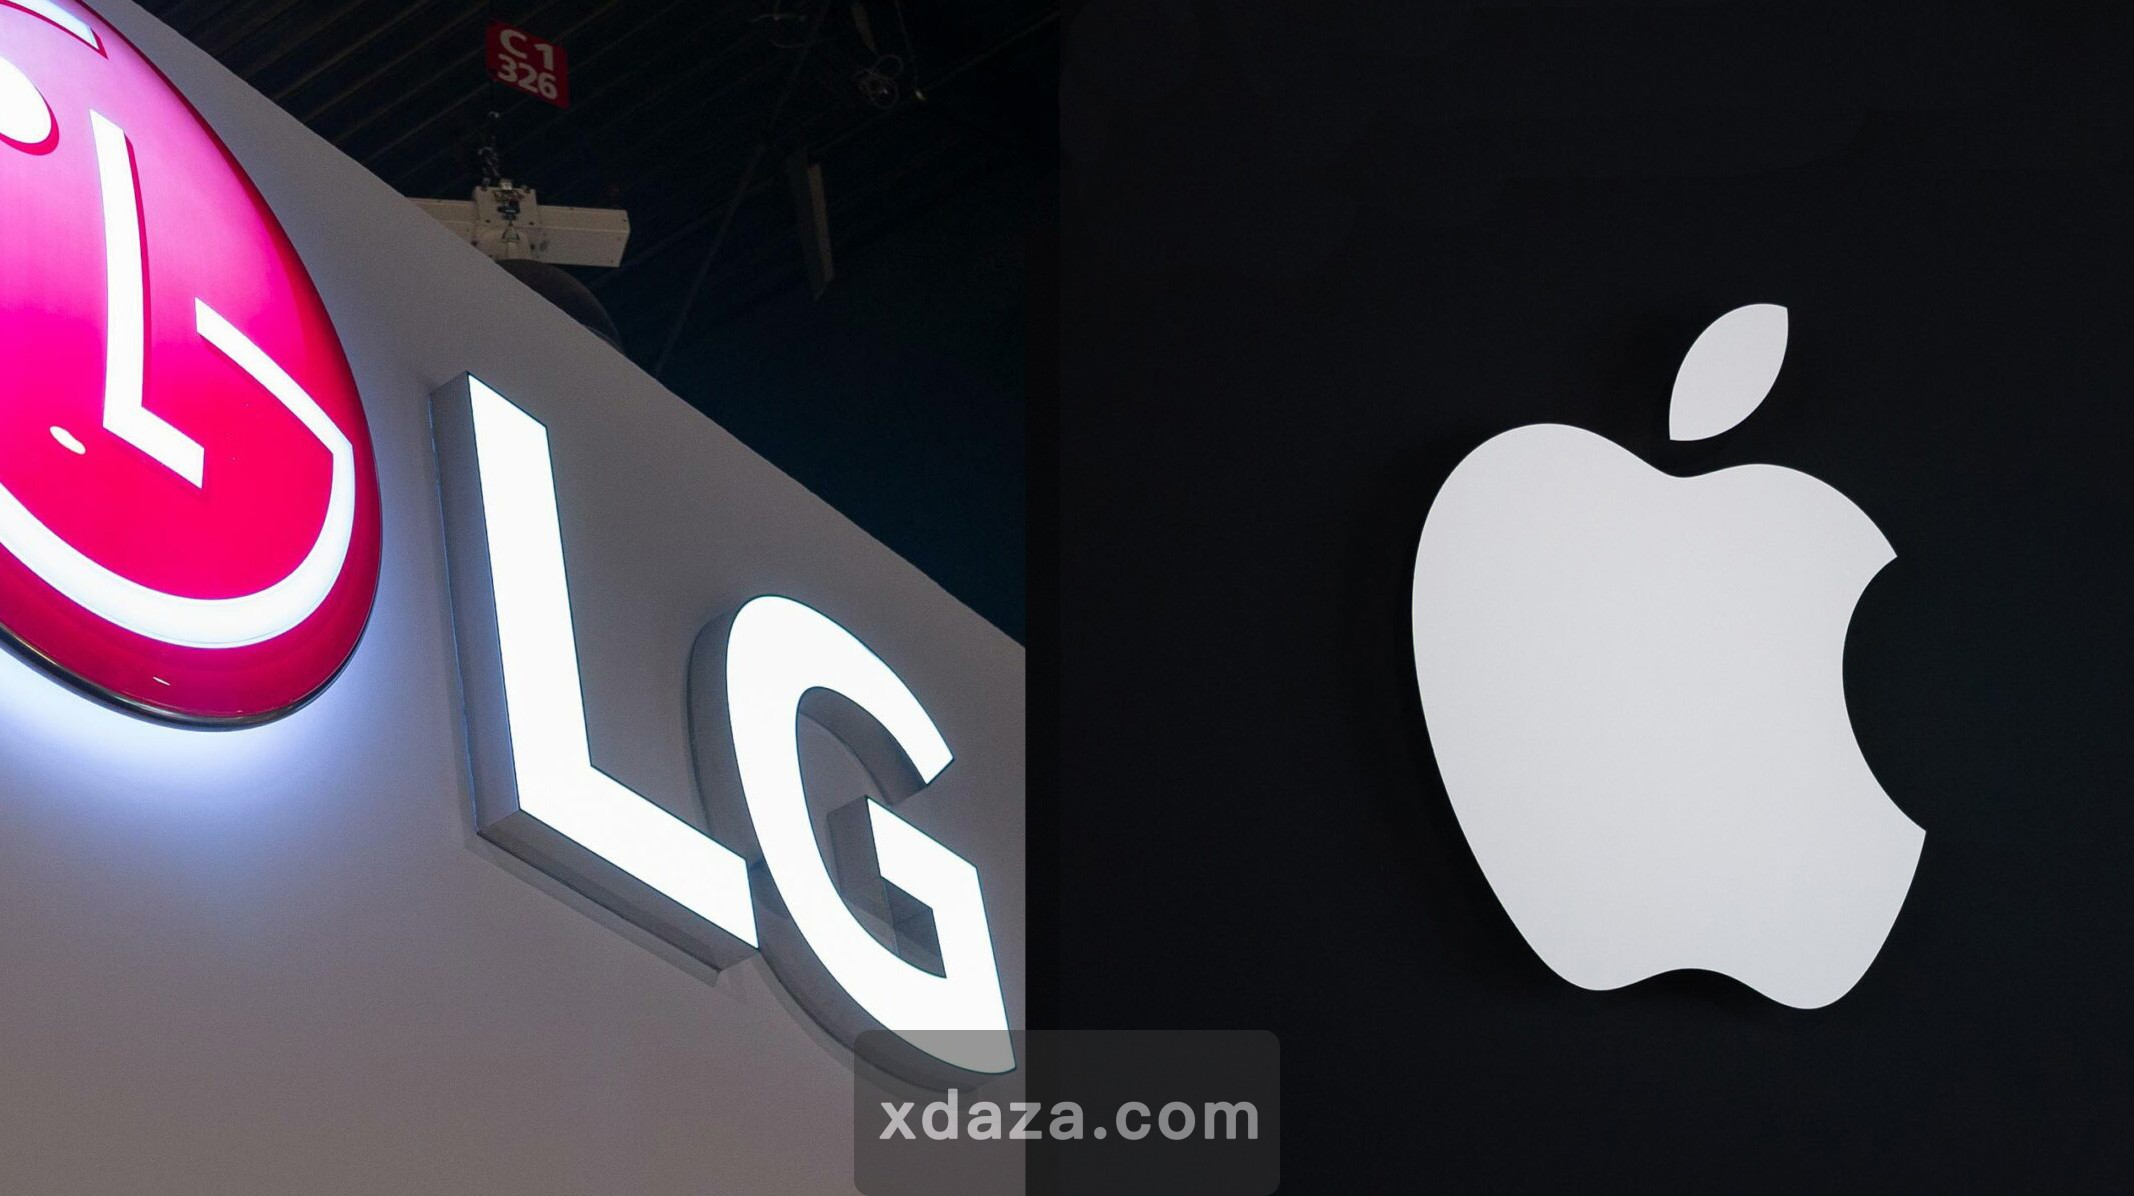 谢谢你路过我的青春,LG手机400家线下门店将转为销售iPhone及iPad